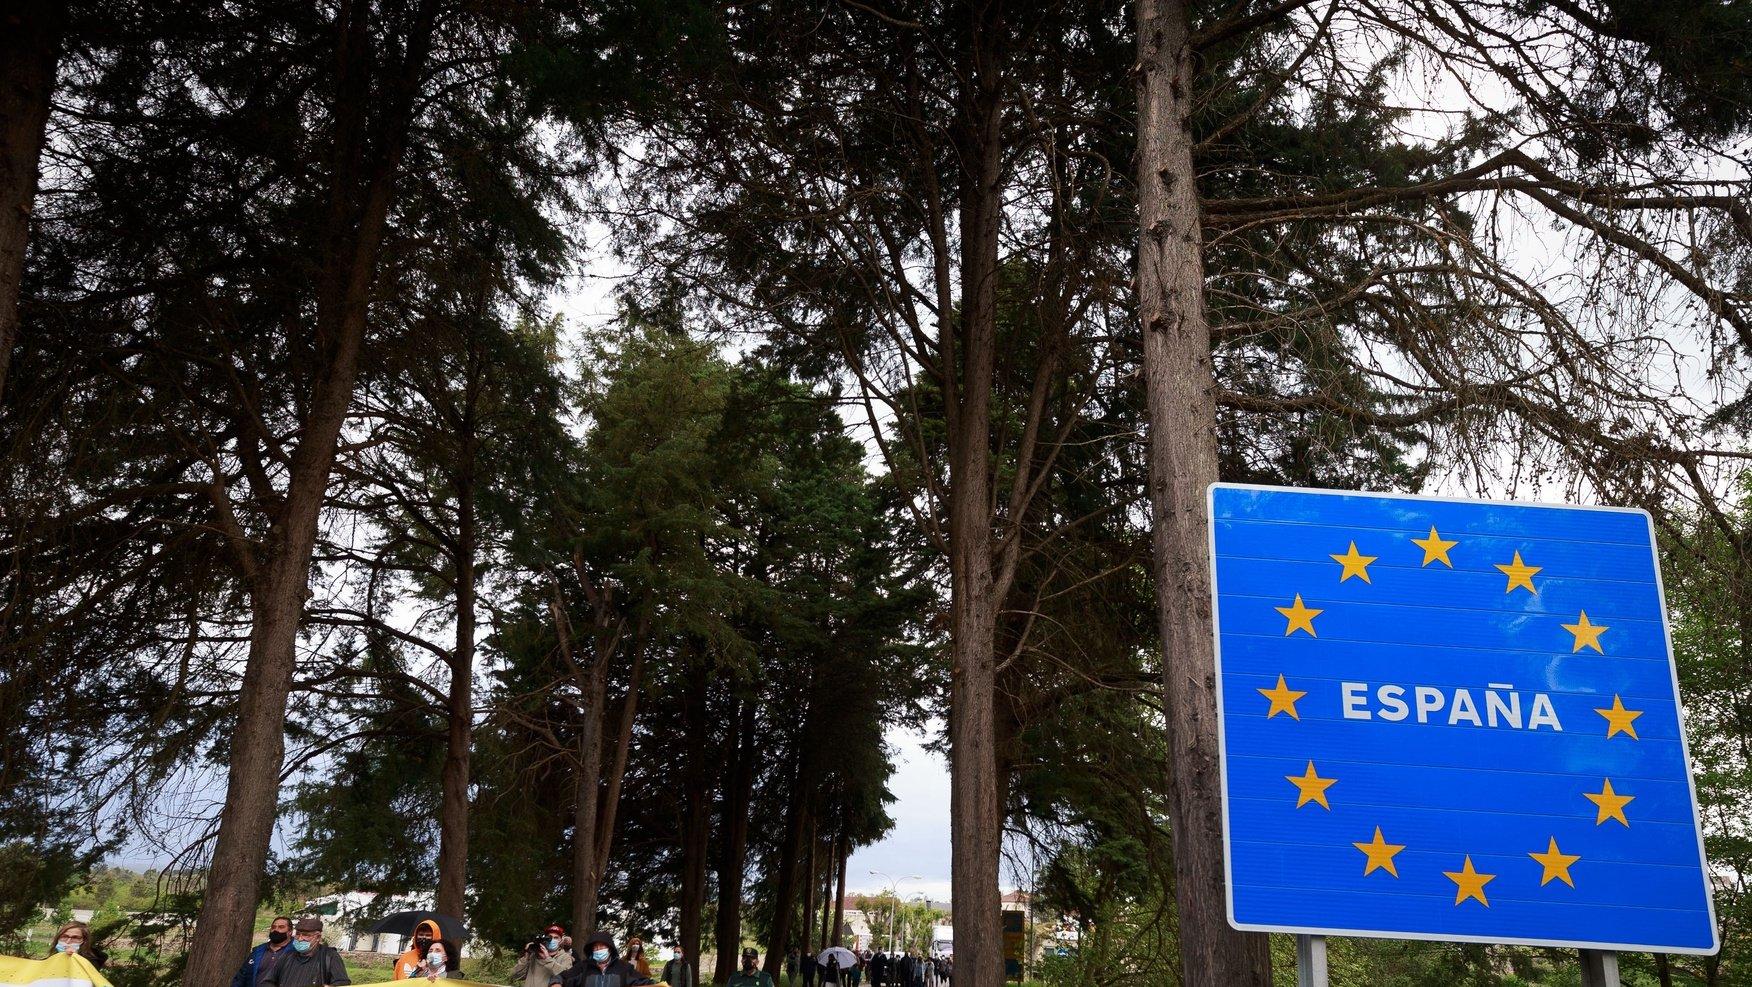 Os comerciantes galegos de Feces de Abaixo juntam-se num protesto conjunto pela reabertura da fronteira entre Portugal e Espanha, devido aos prejuízos económicos causados pelo seu encerramento, Feces de Abaixo, Ourense, Espanha, 23 de abril de 2021. PEDRO SARMENTO COSTA/LUSA